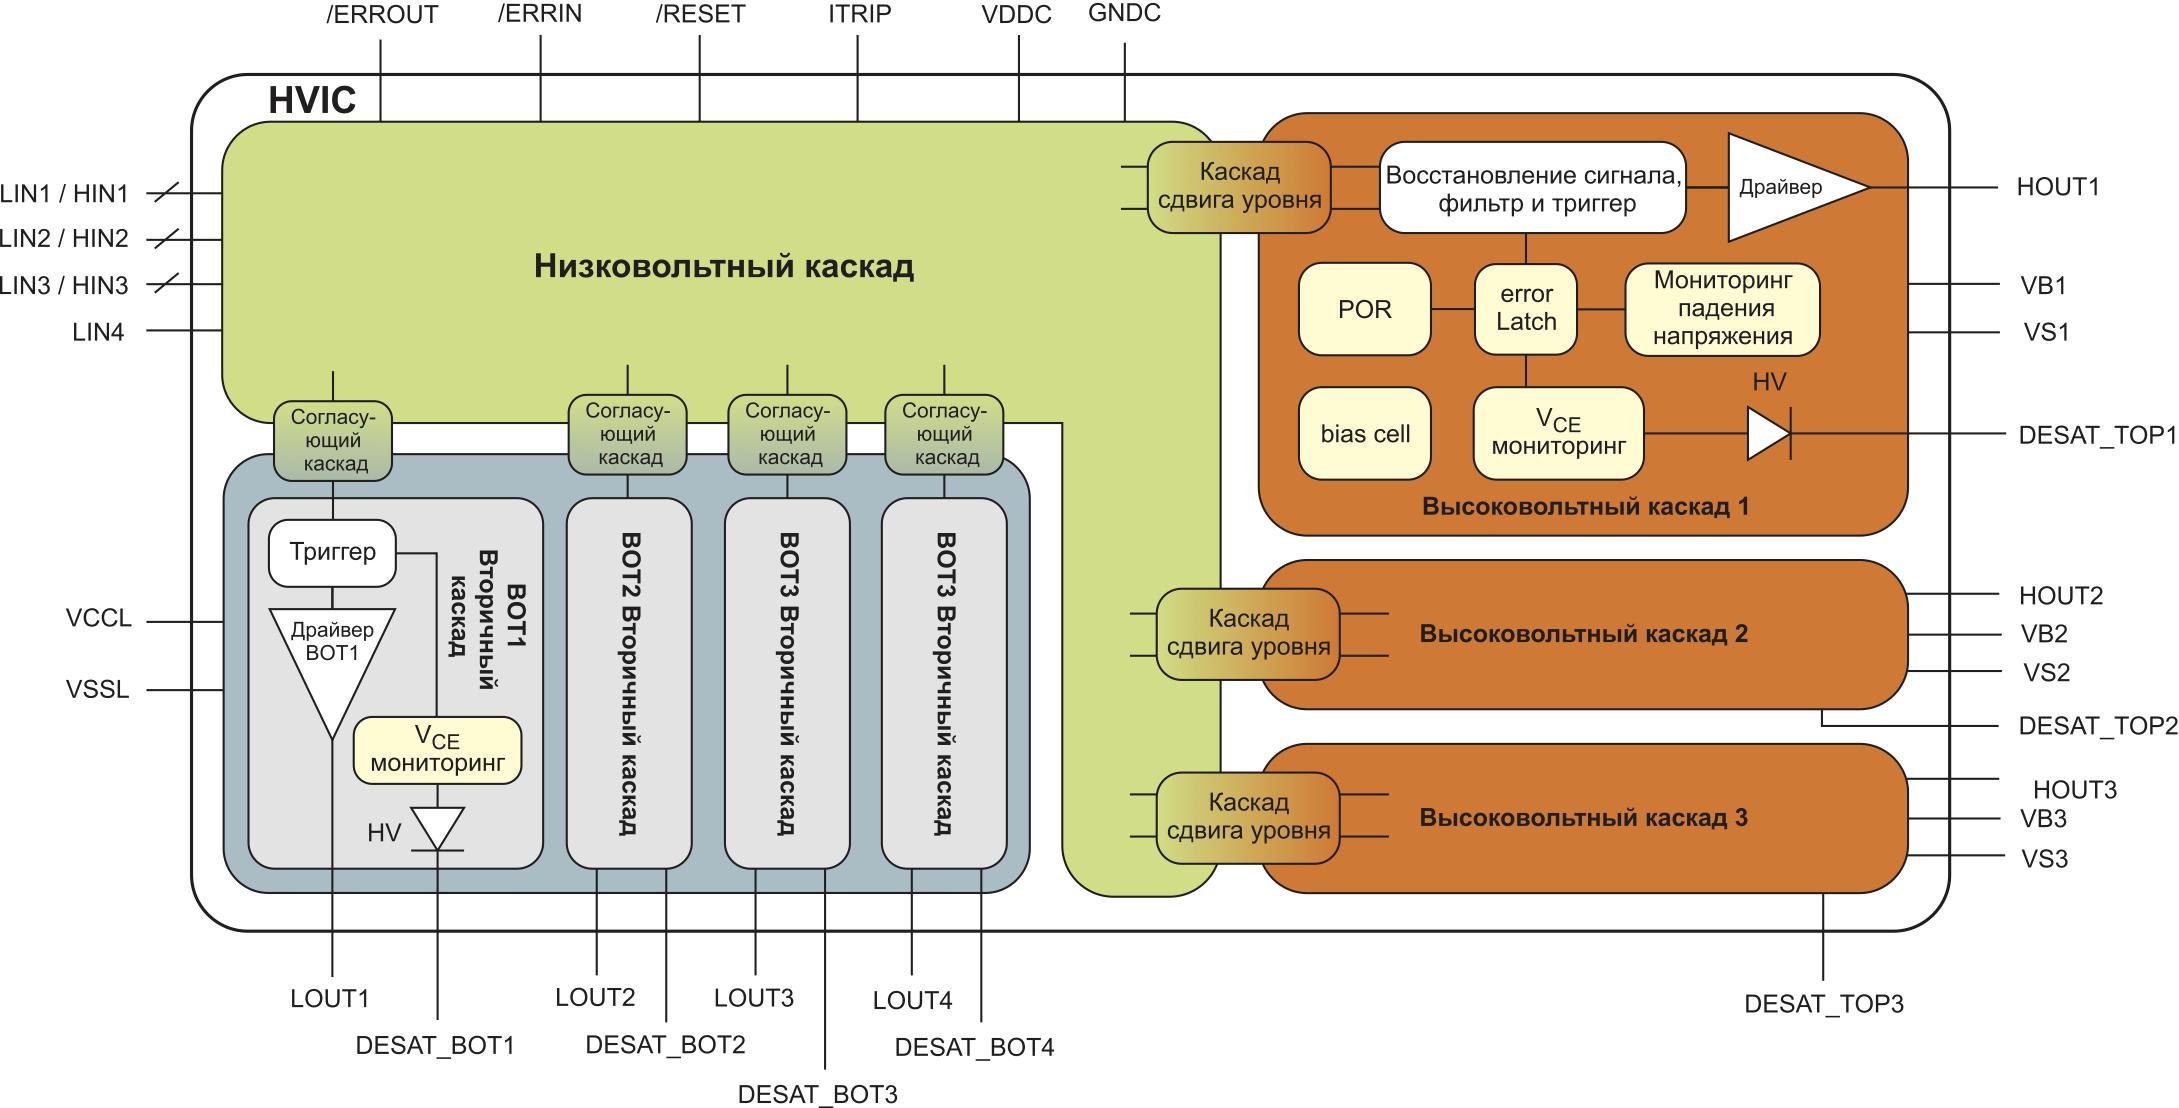 Блок-схема цепи мониторинга напряжения насыщения VCE в составе 7-канального драйвера 6-го класса